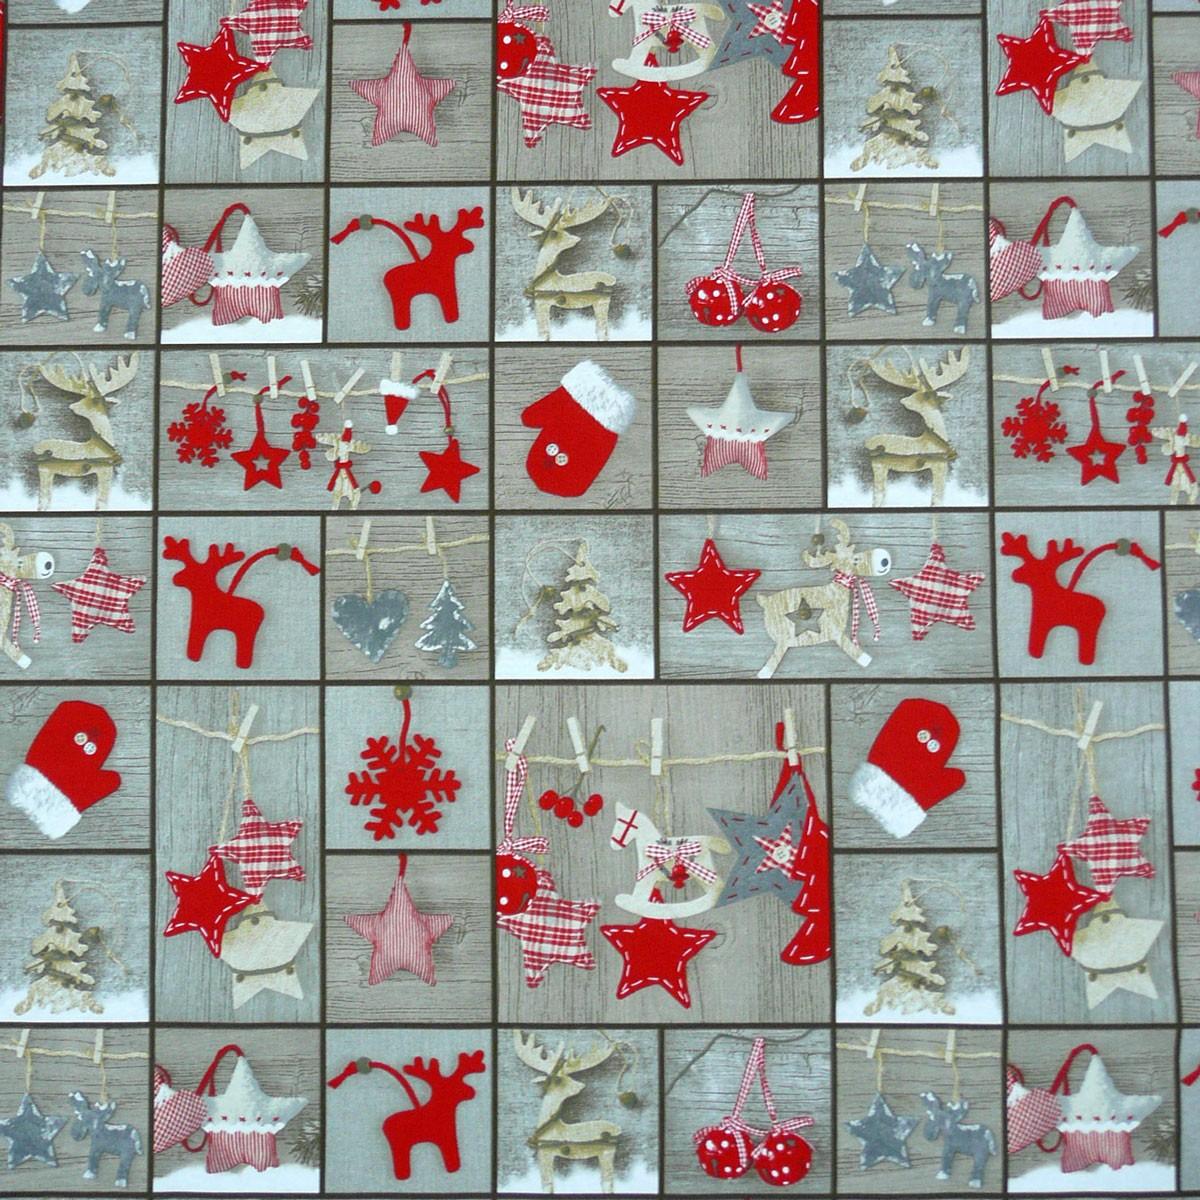 baumwollstoff stoff dekostoff meterware anh nger holz weihnachten weihnachten. Black Bedroom Furniture Sets. Home Design Ideas